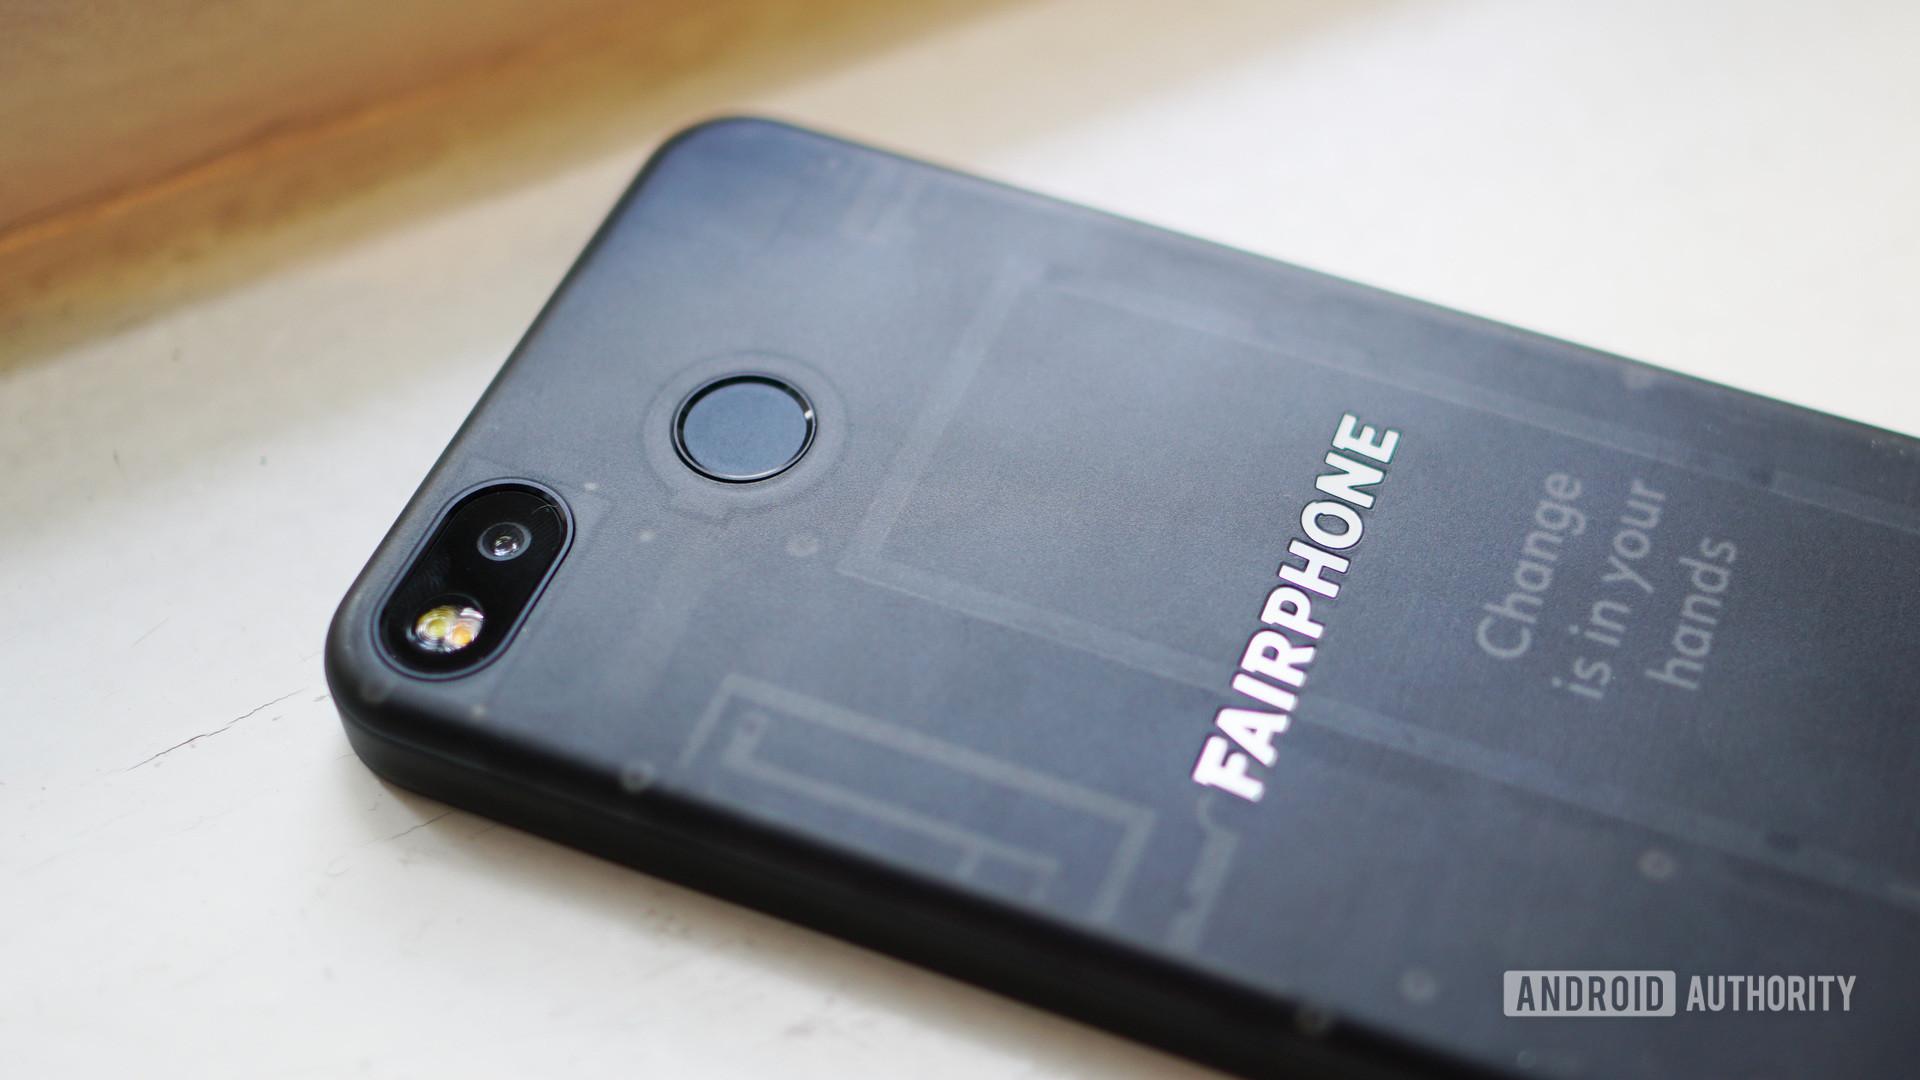 Fairphone 3 back camera fingerprint scanner